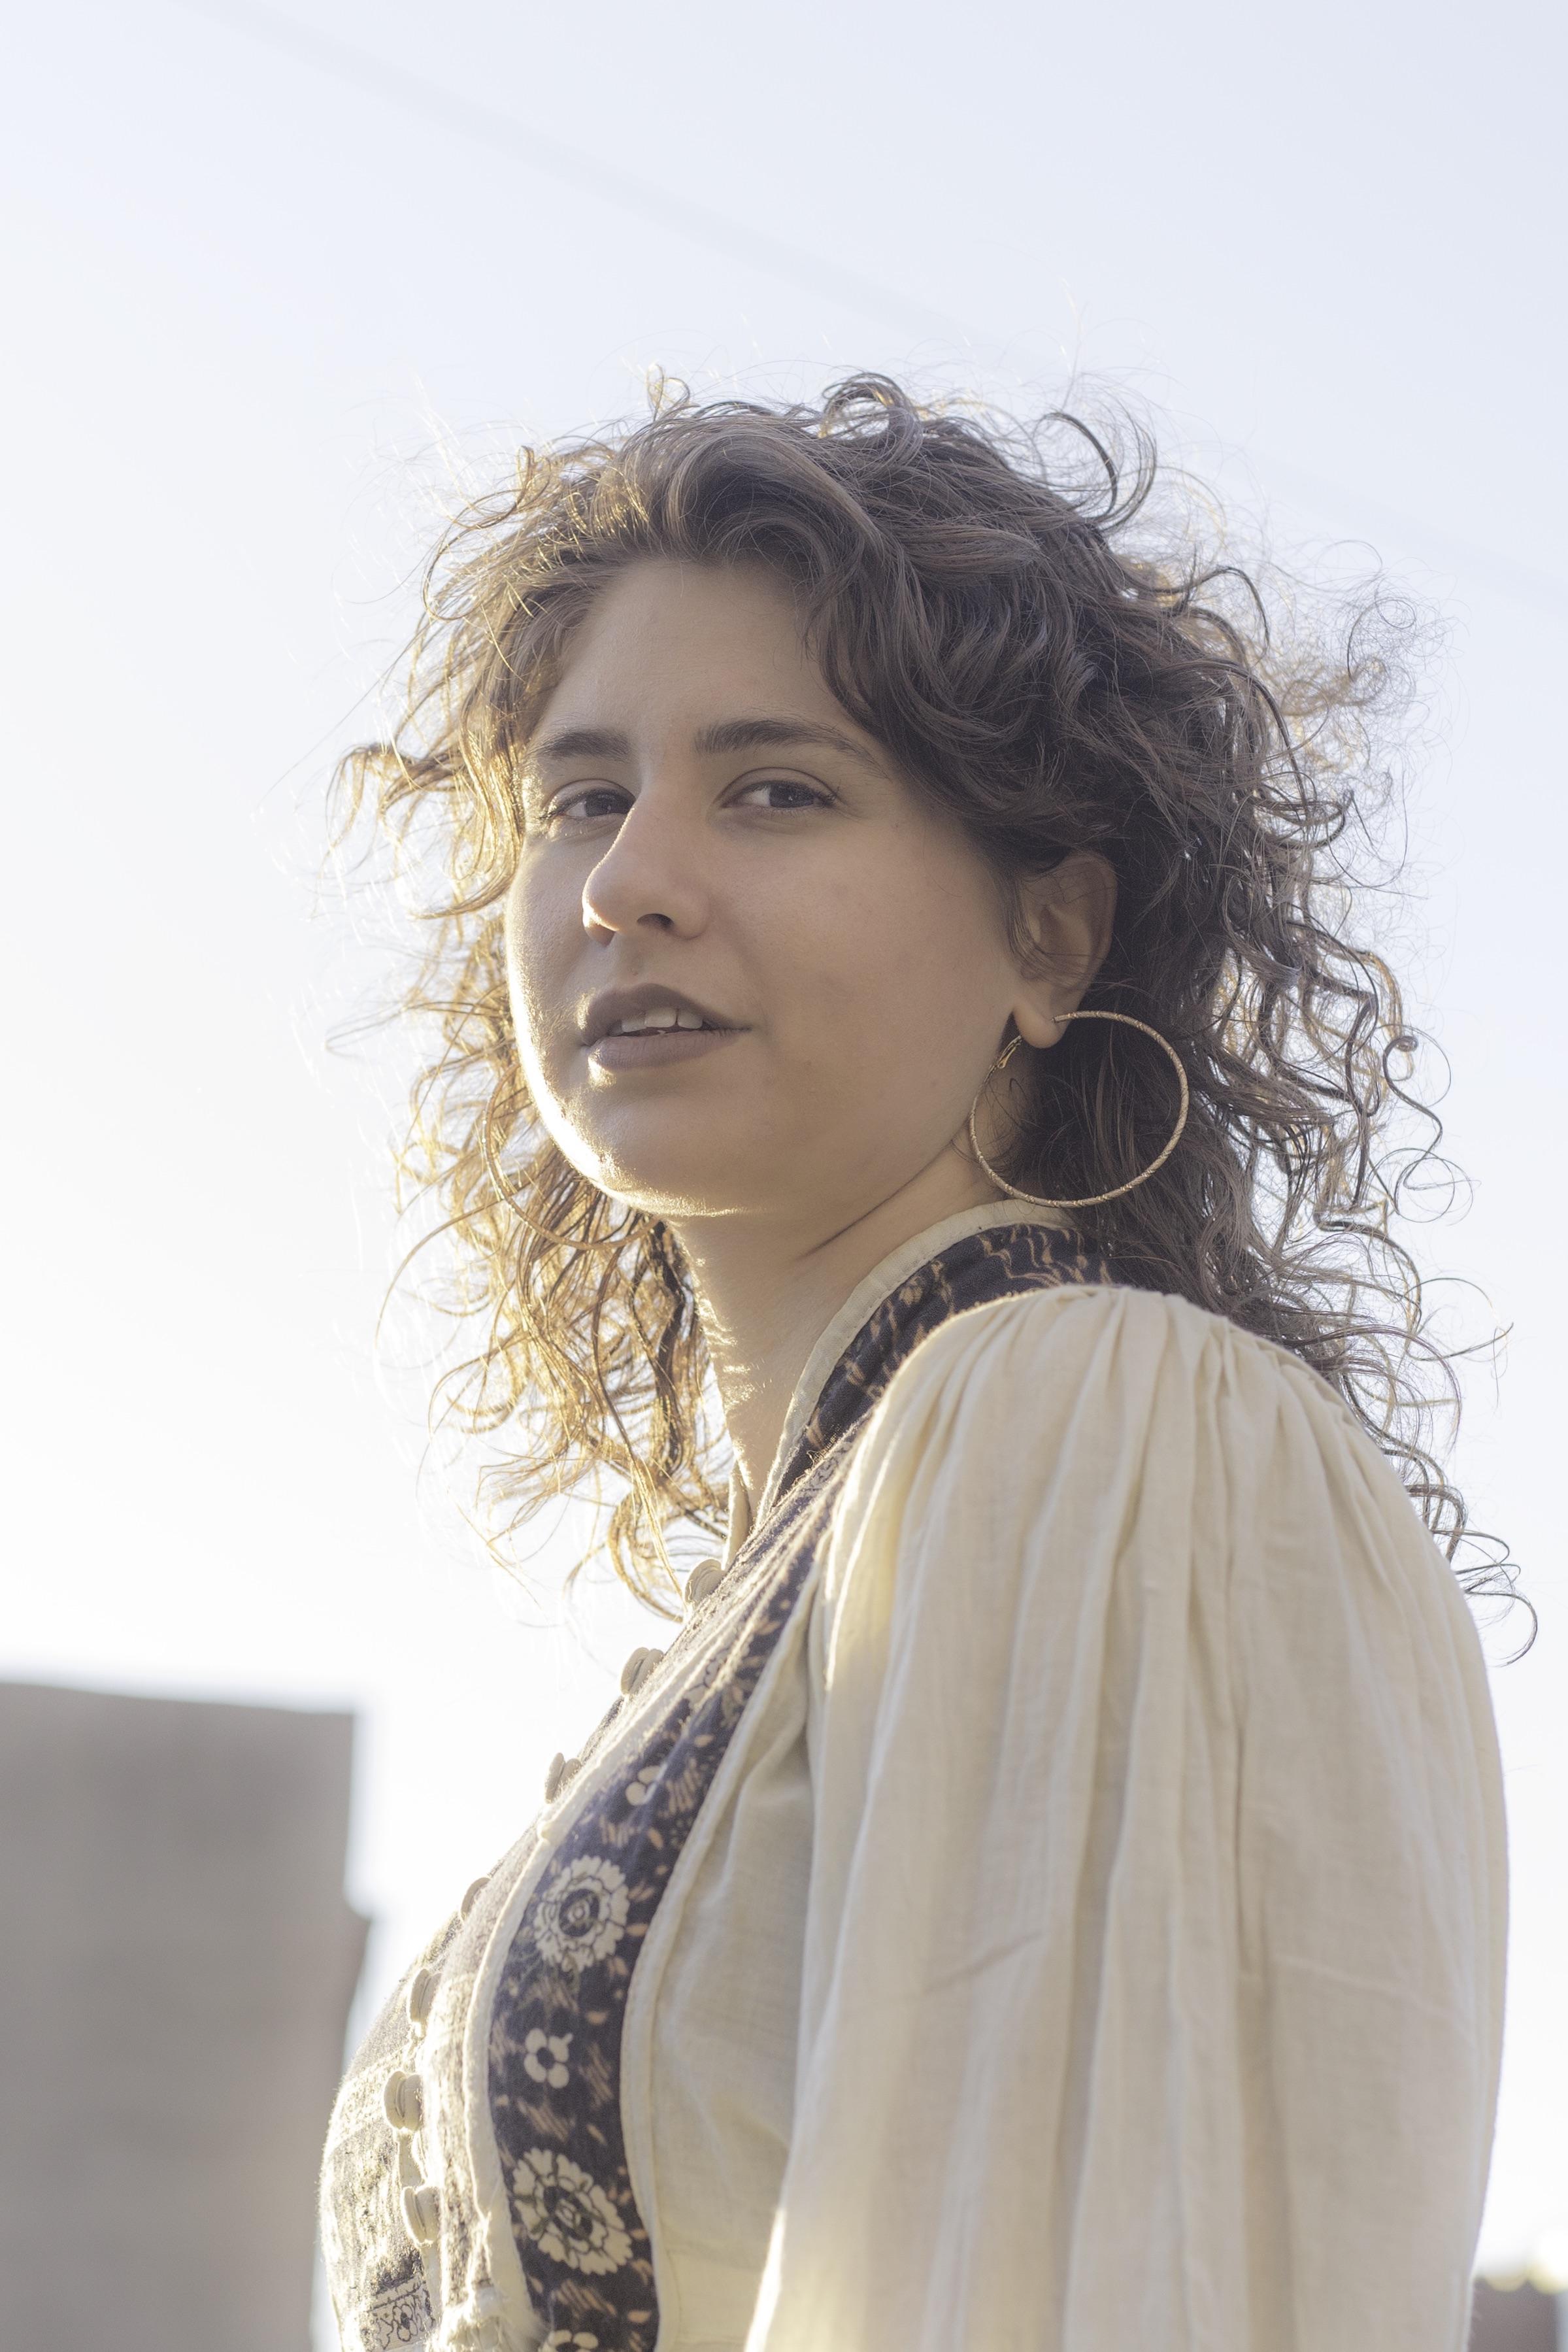 Sammi Lanzetta